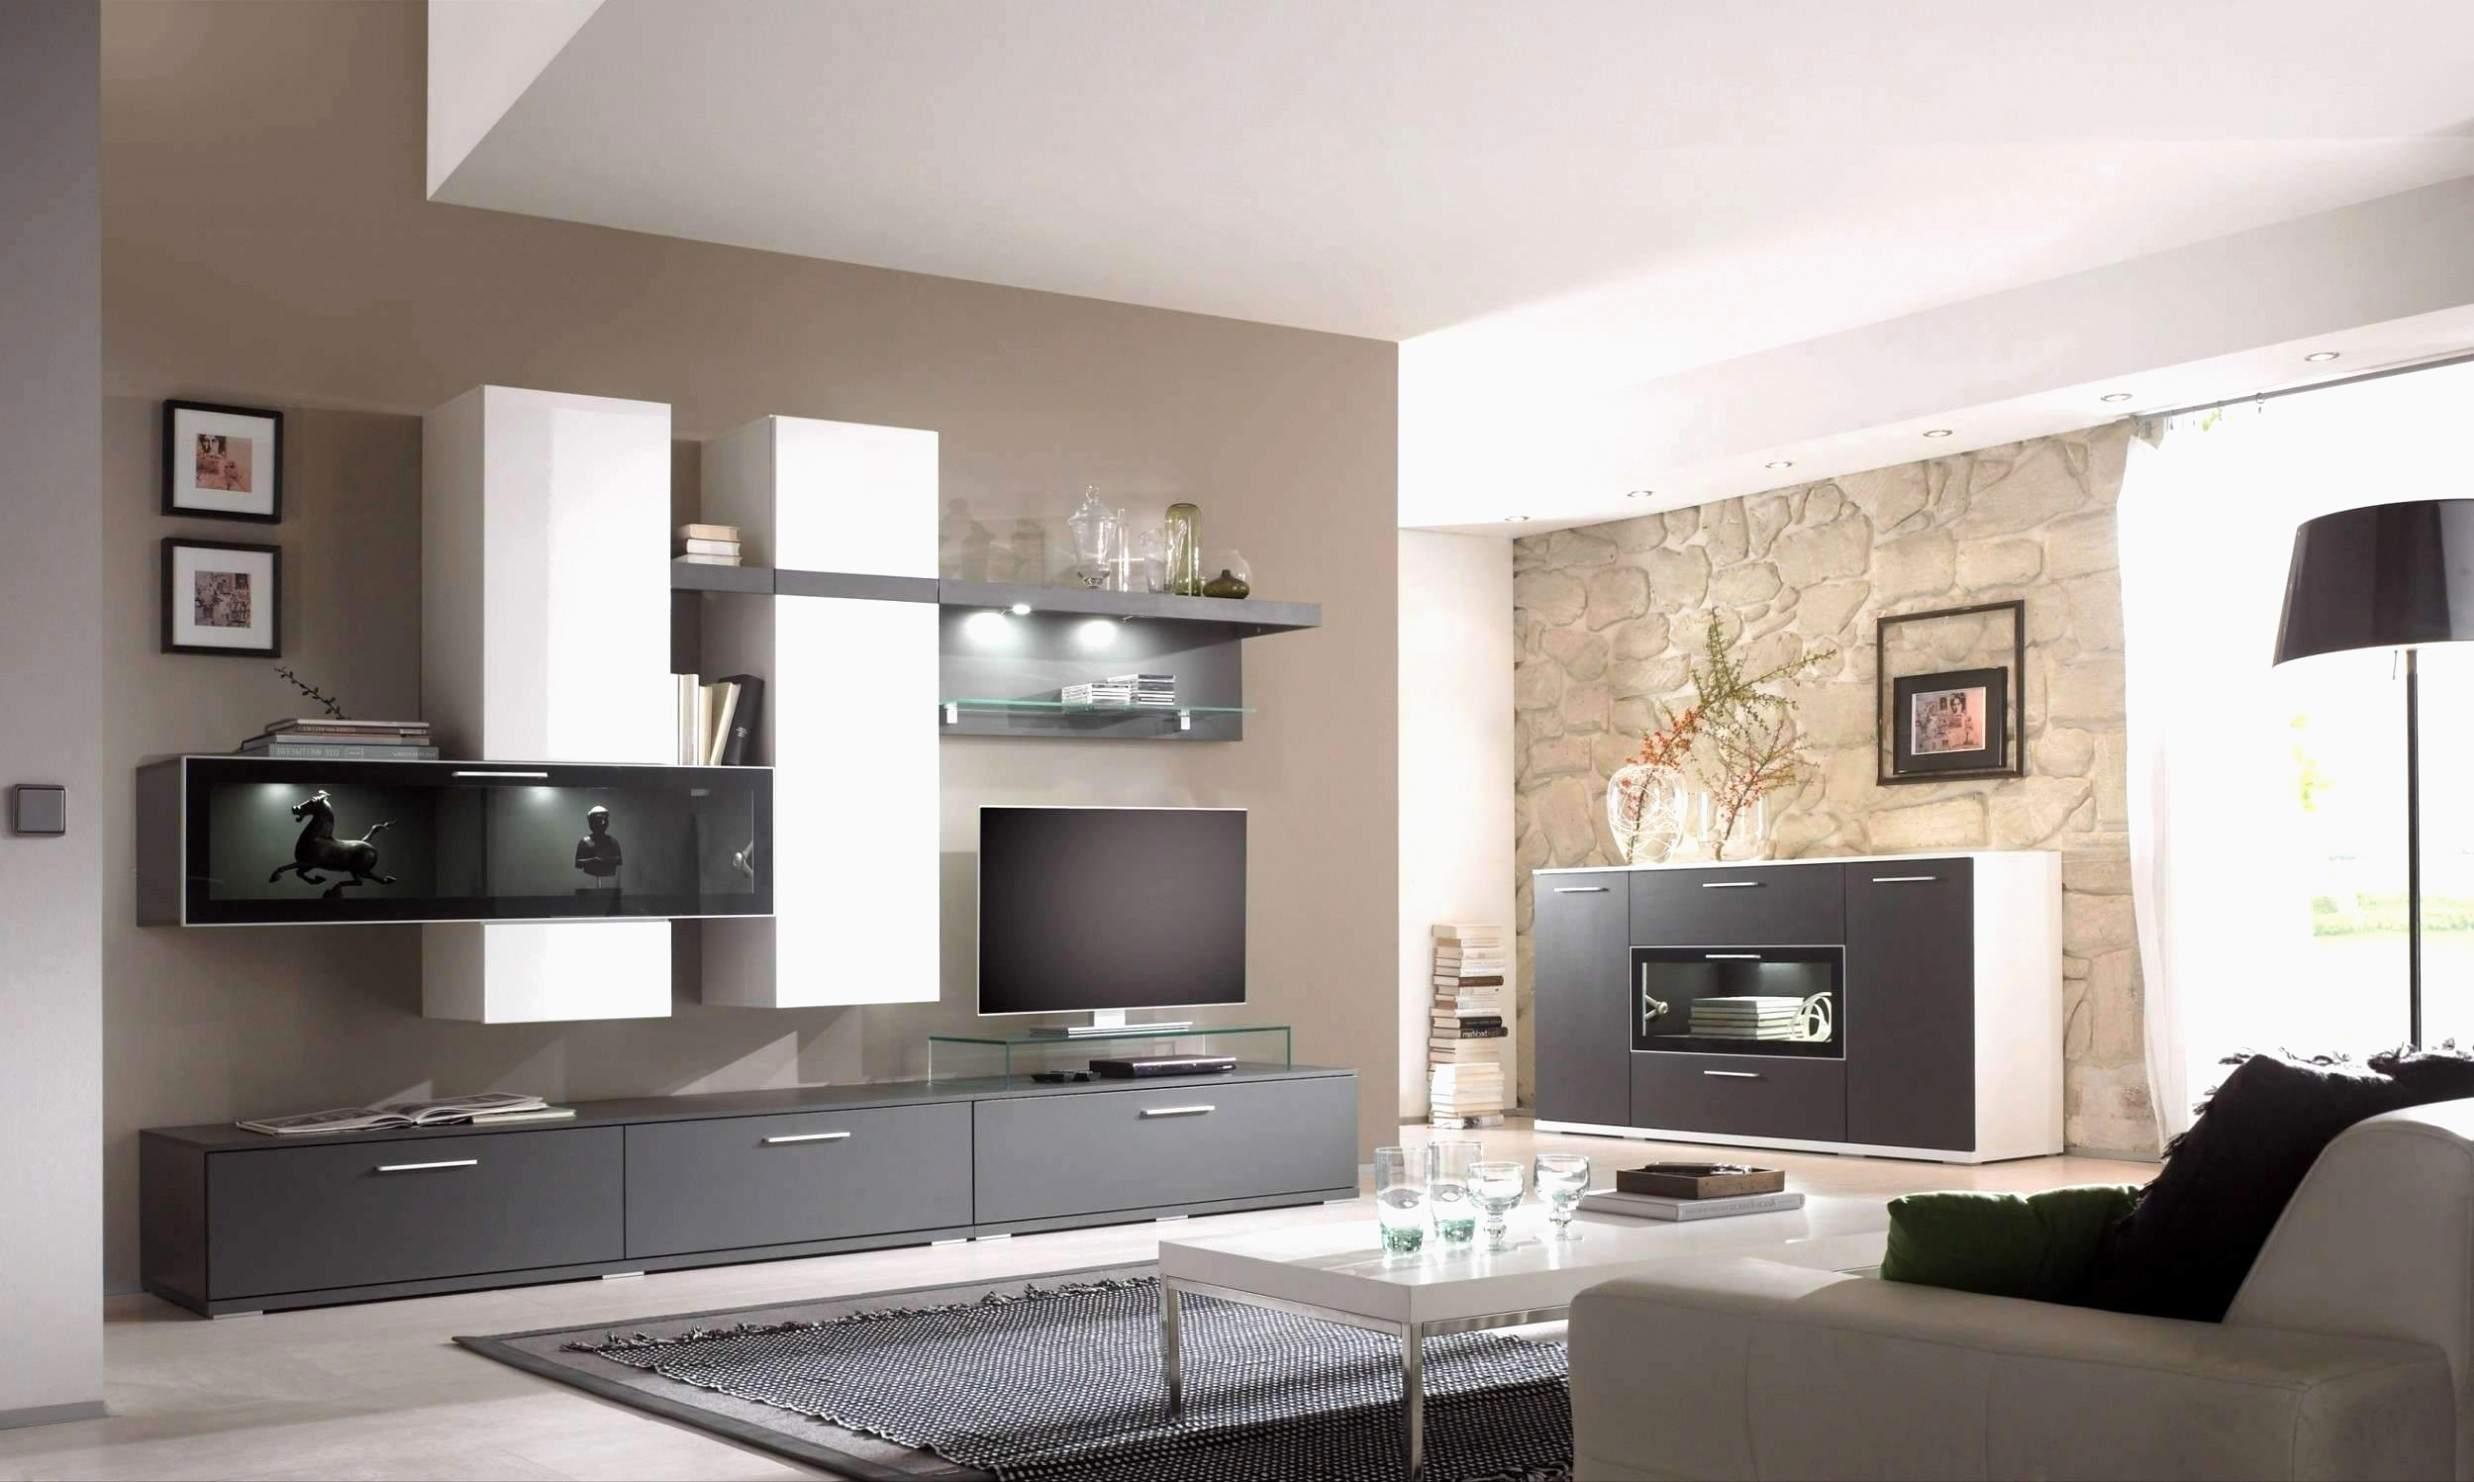 wohnzimmer kamin einzigartig wohnideen wohnzimmer bilder modern und luxus kamin modern 0d of wohnzimmer kamin